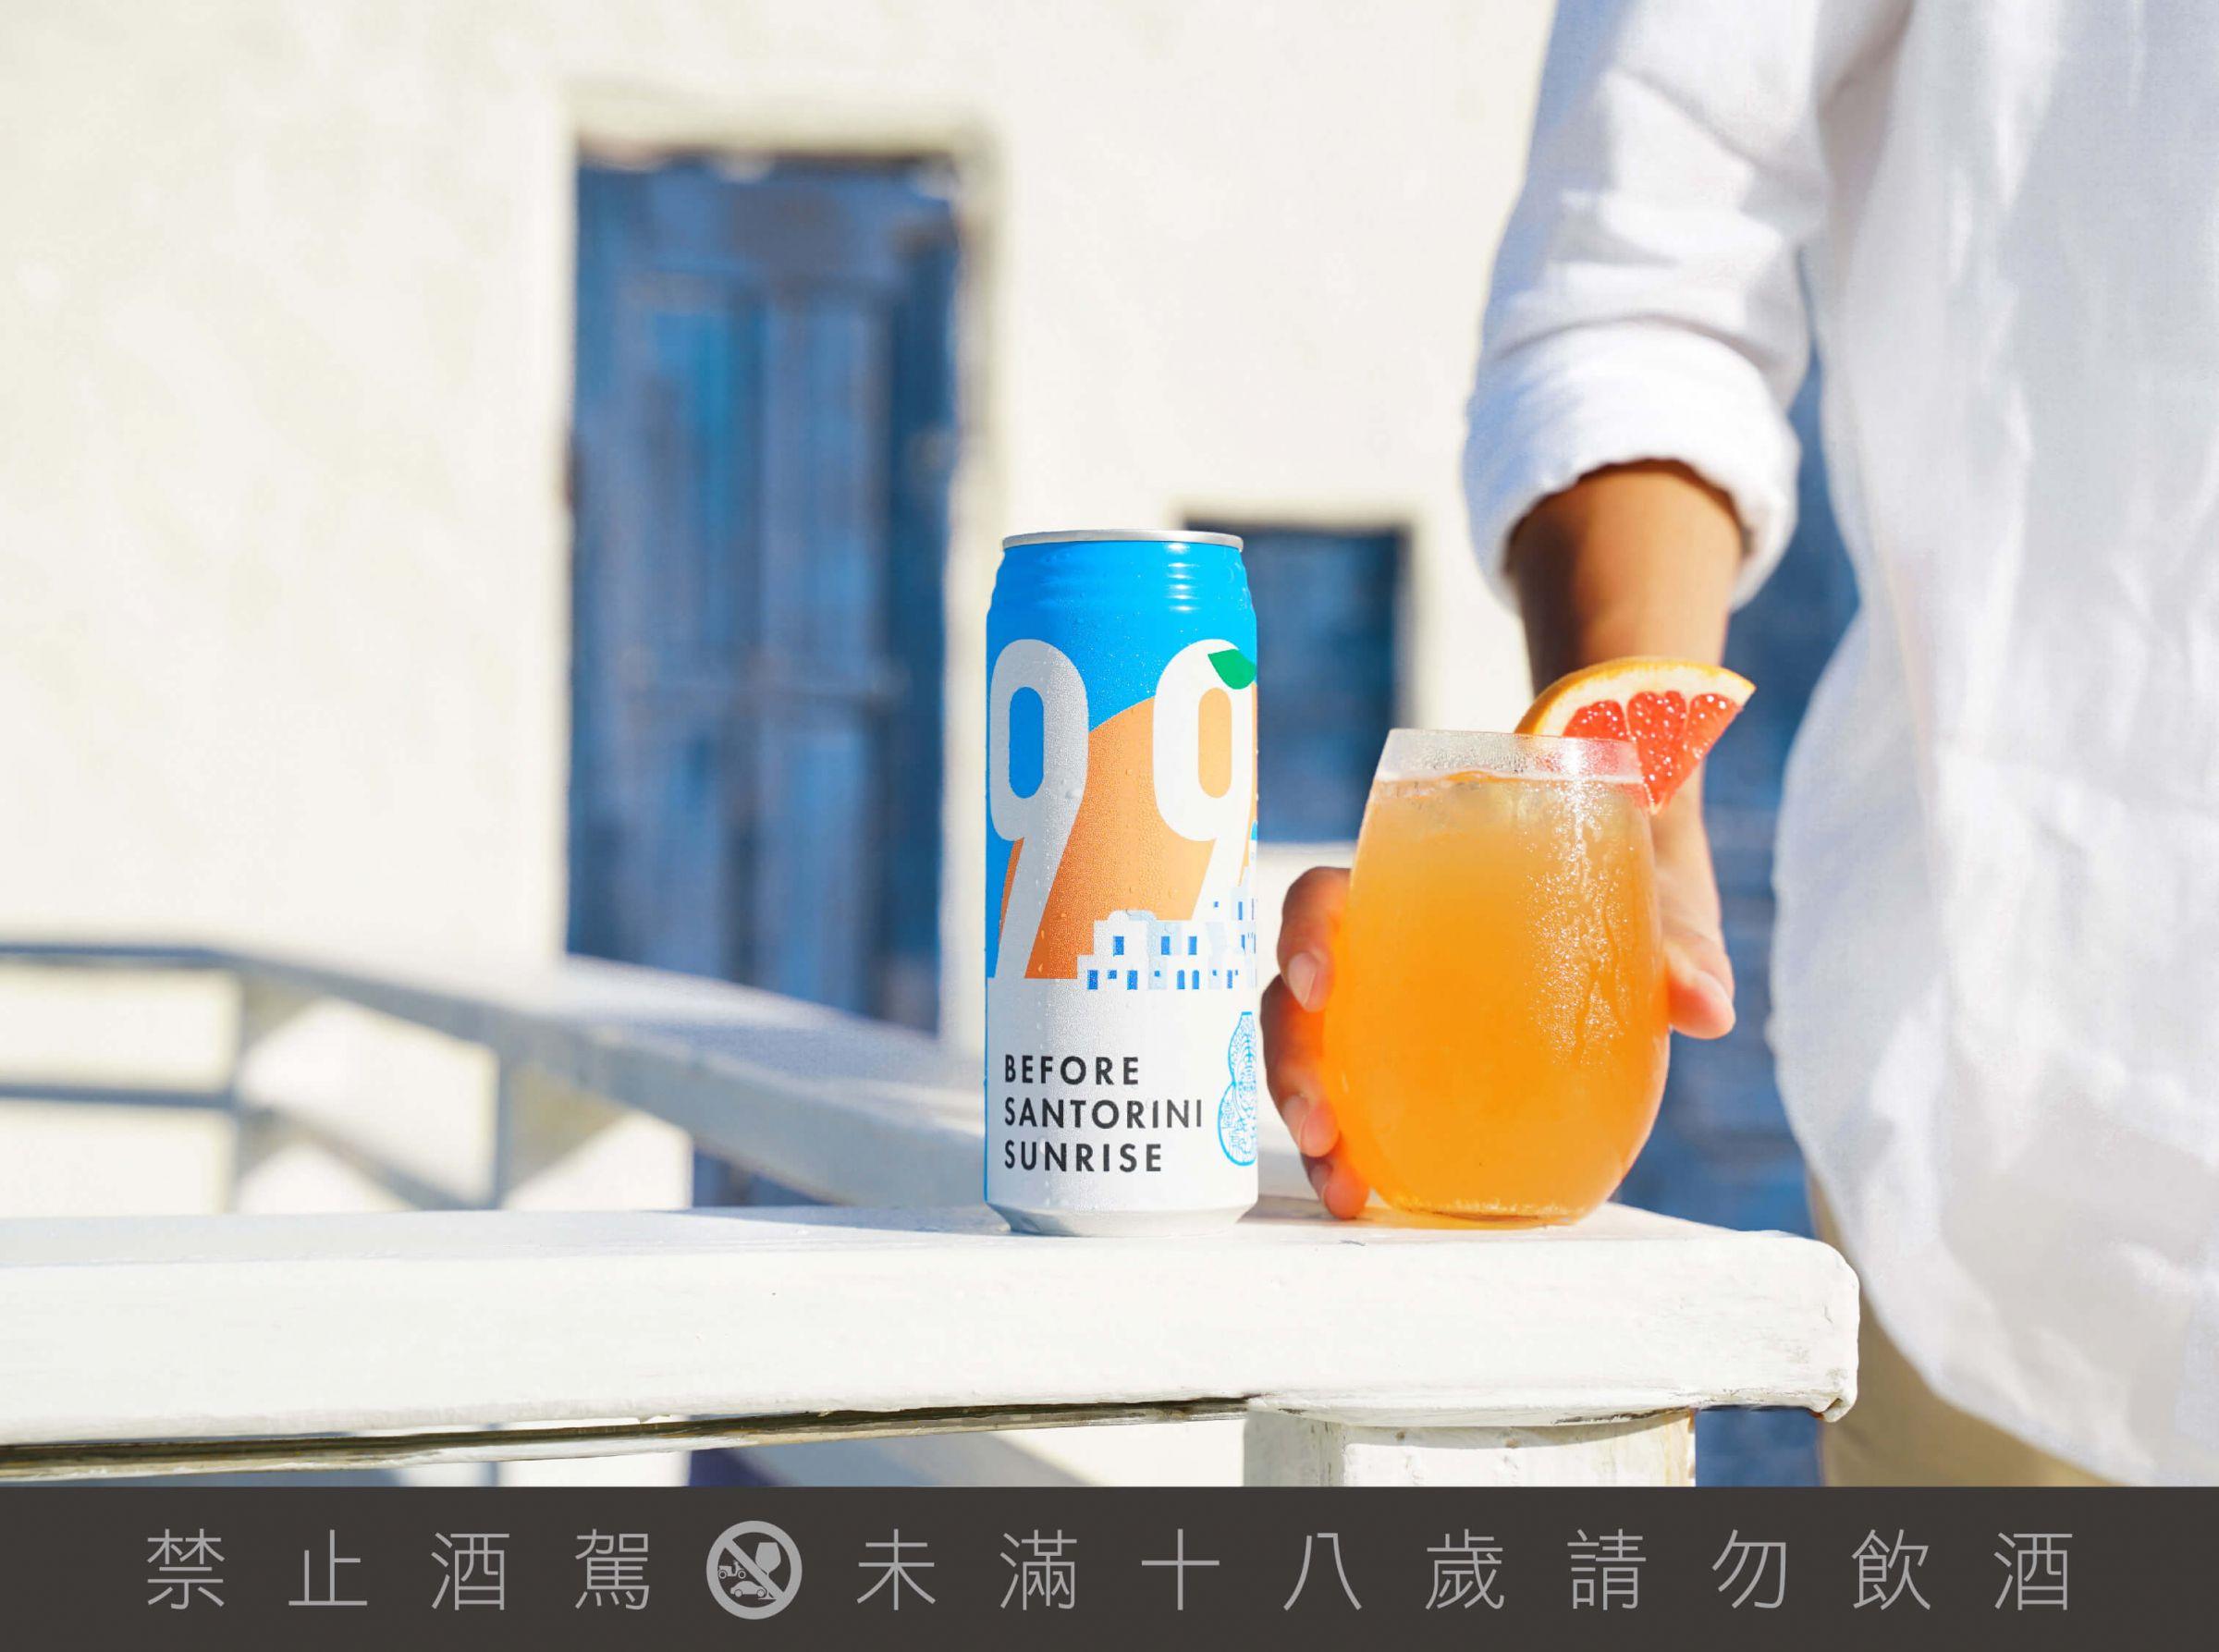 台虎 9.99系列再推第六弹 「酸甜花果香」沁凉上市!